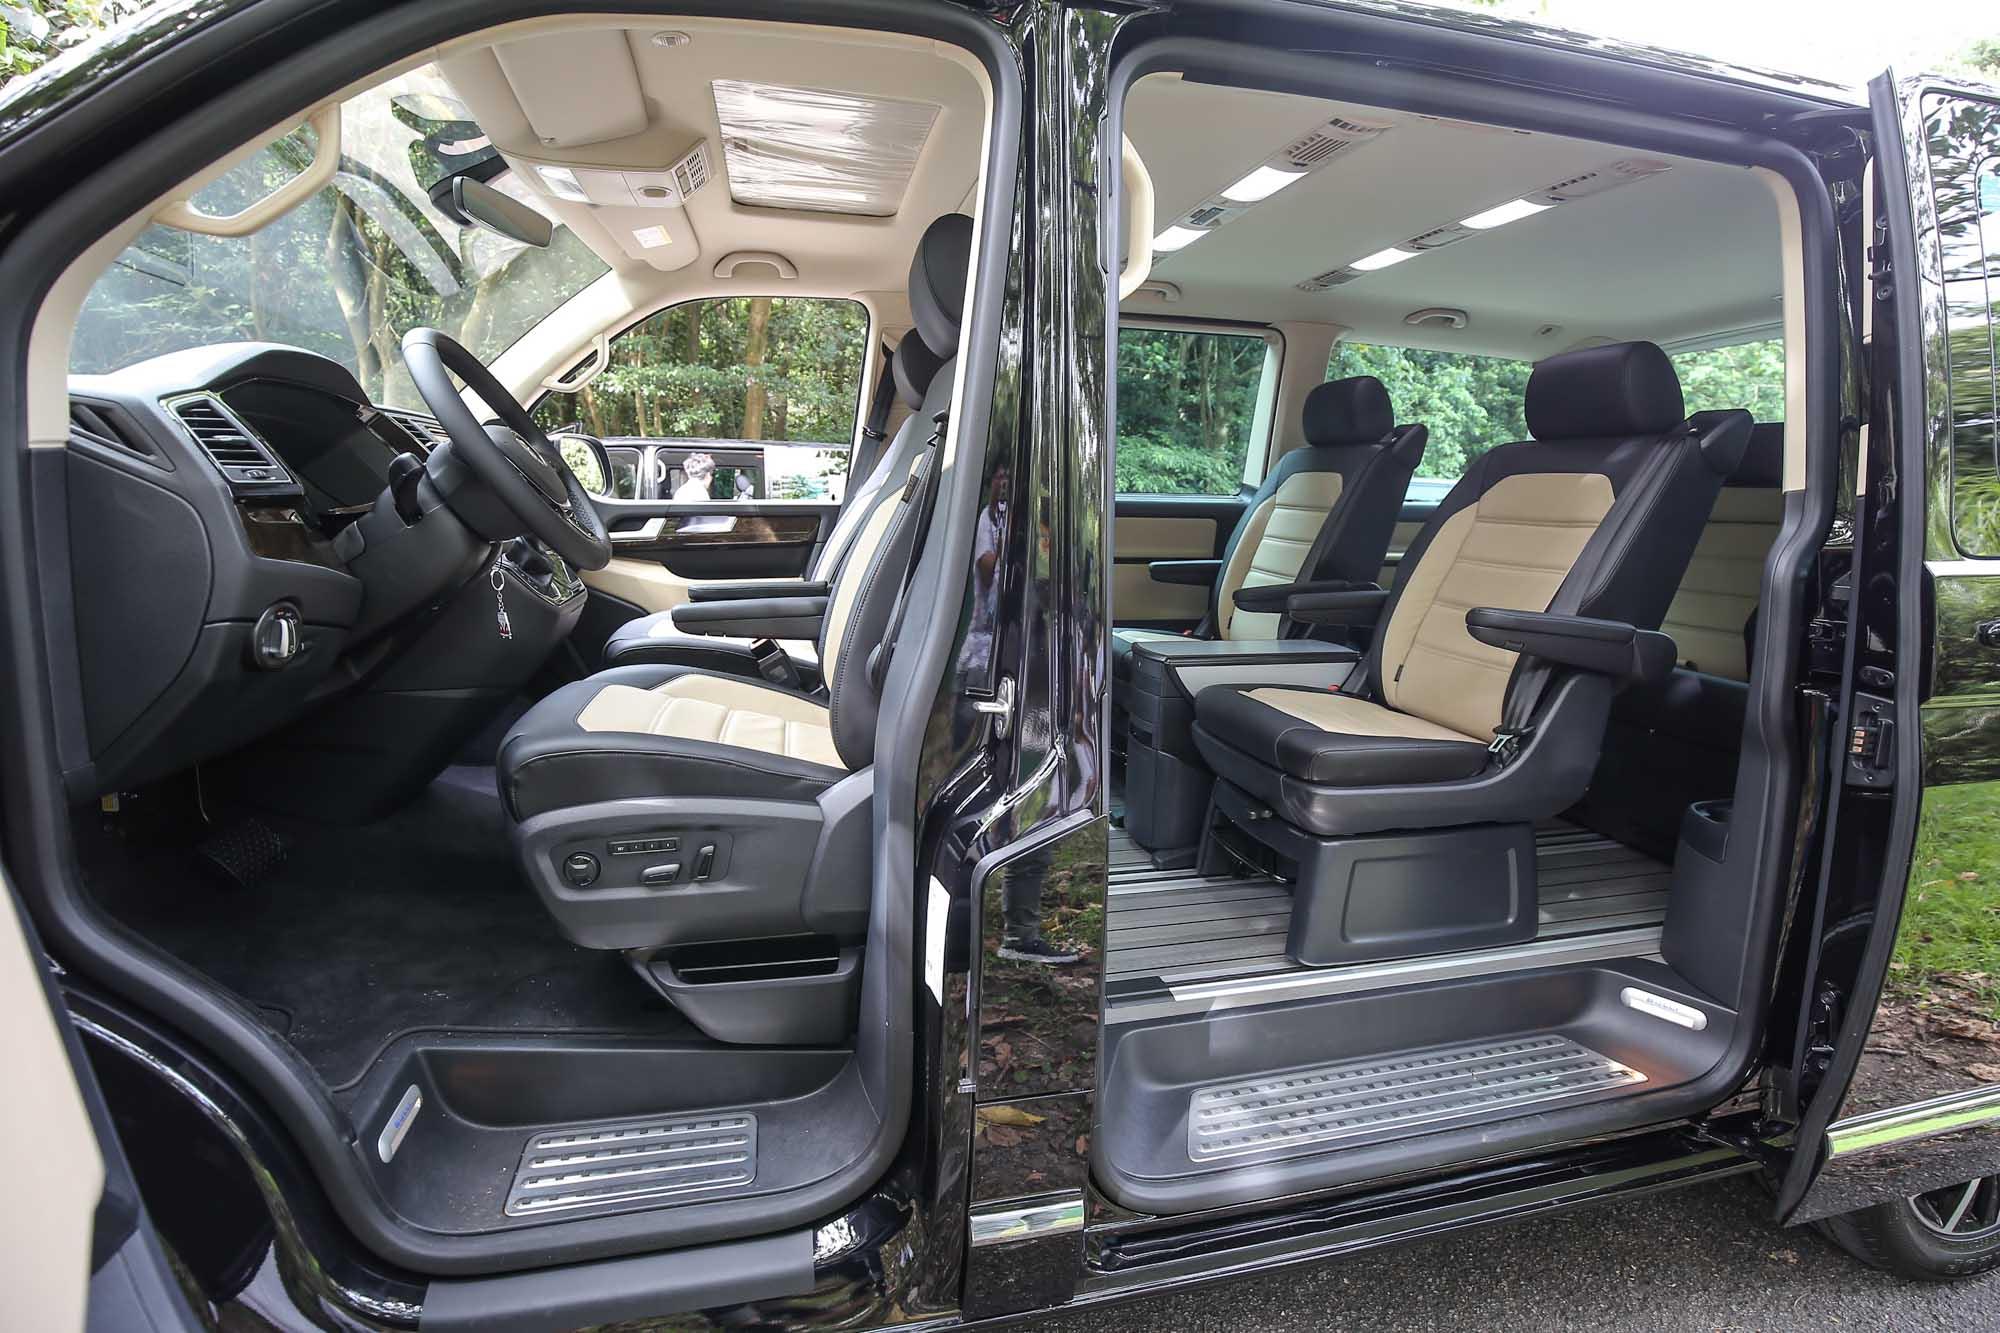 Multivan Highline 以上車型就是配備雙色 Nappa 真皮座椅。